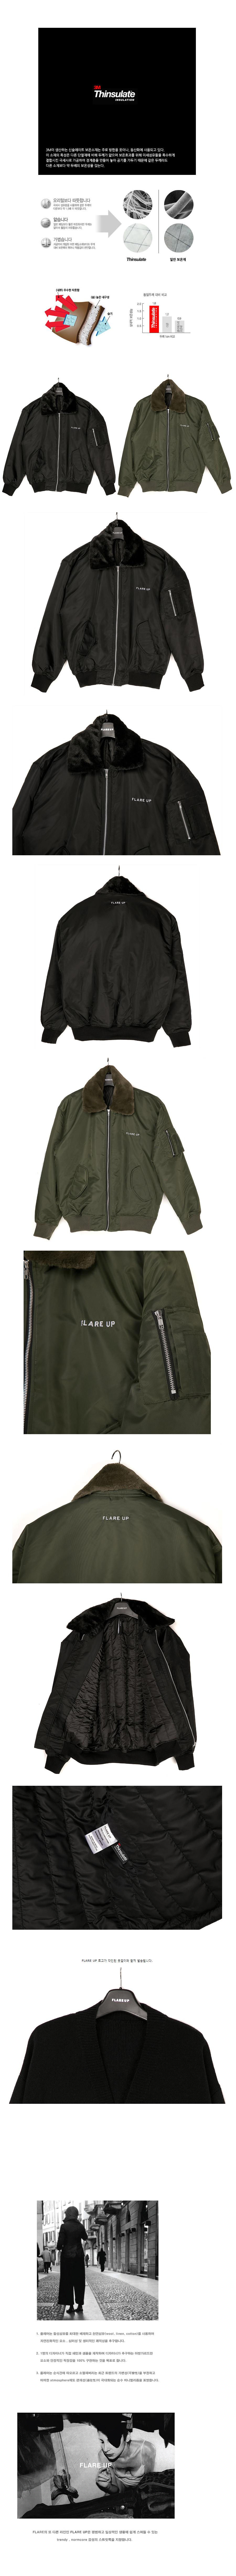 플레어업(FLAREUP) 오버핏 MA-1 / 항공점퍼 / 양털 자켓 #블랙  (FU-014)